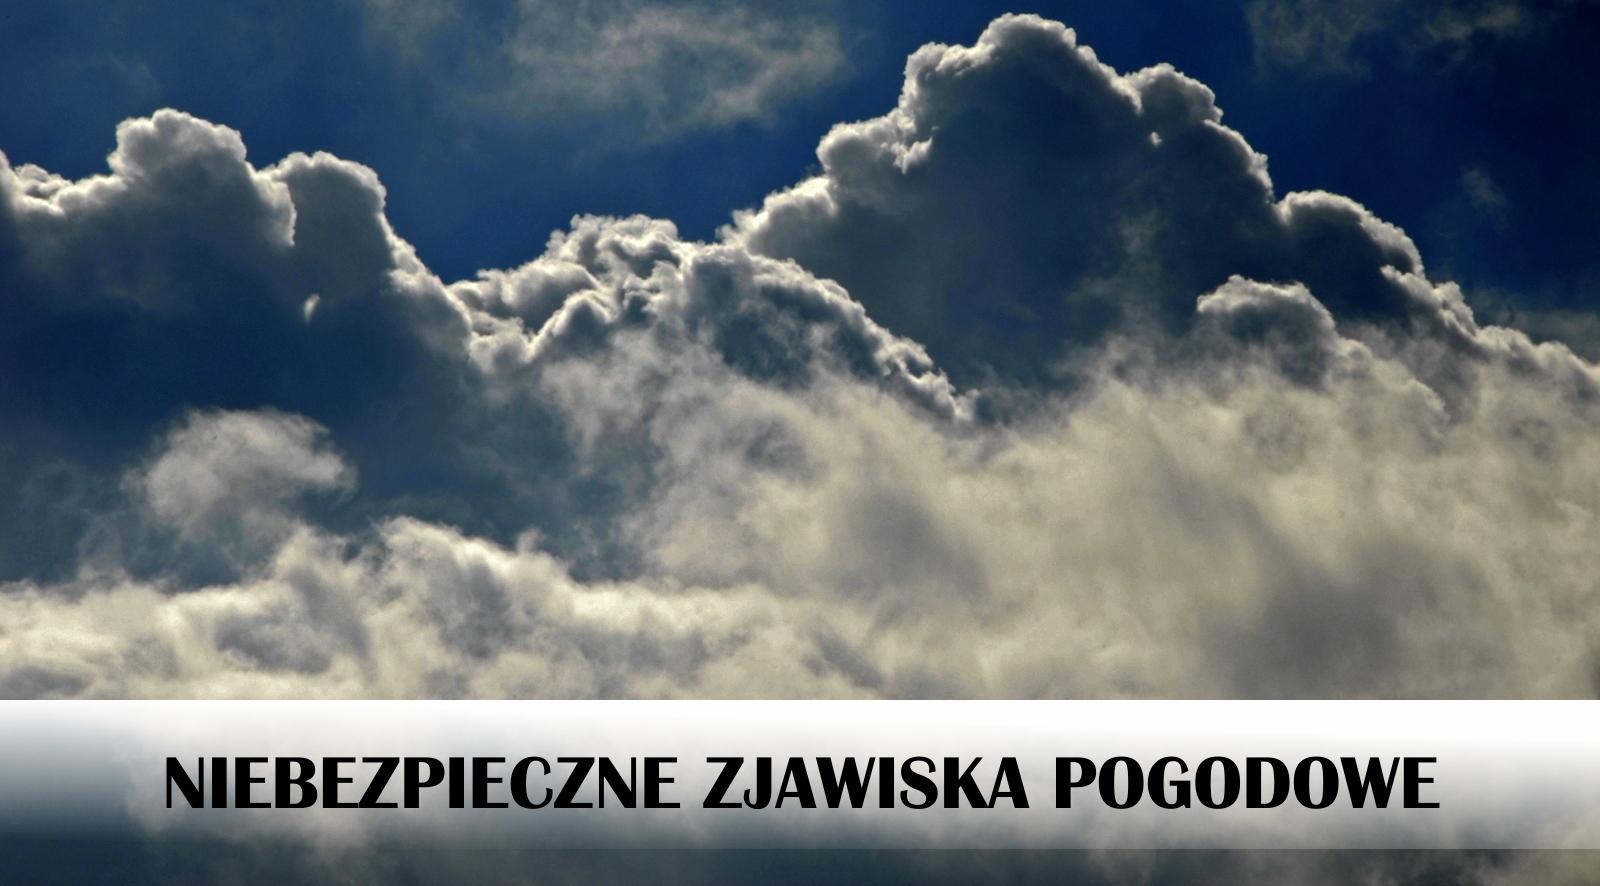 Prognoza niebezpiecznych zjawisk meteorologicznych na okres 07-10.02.2015